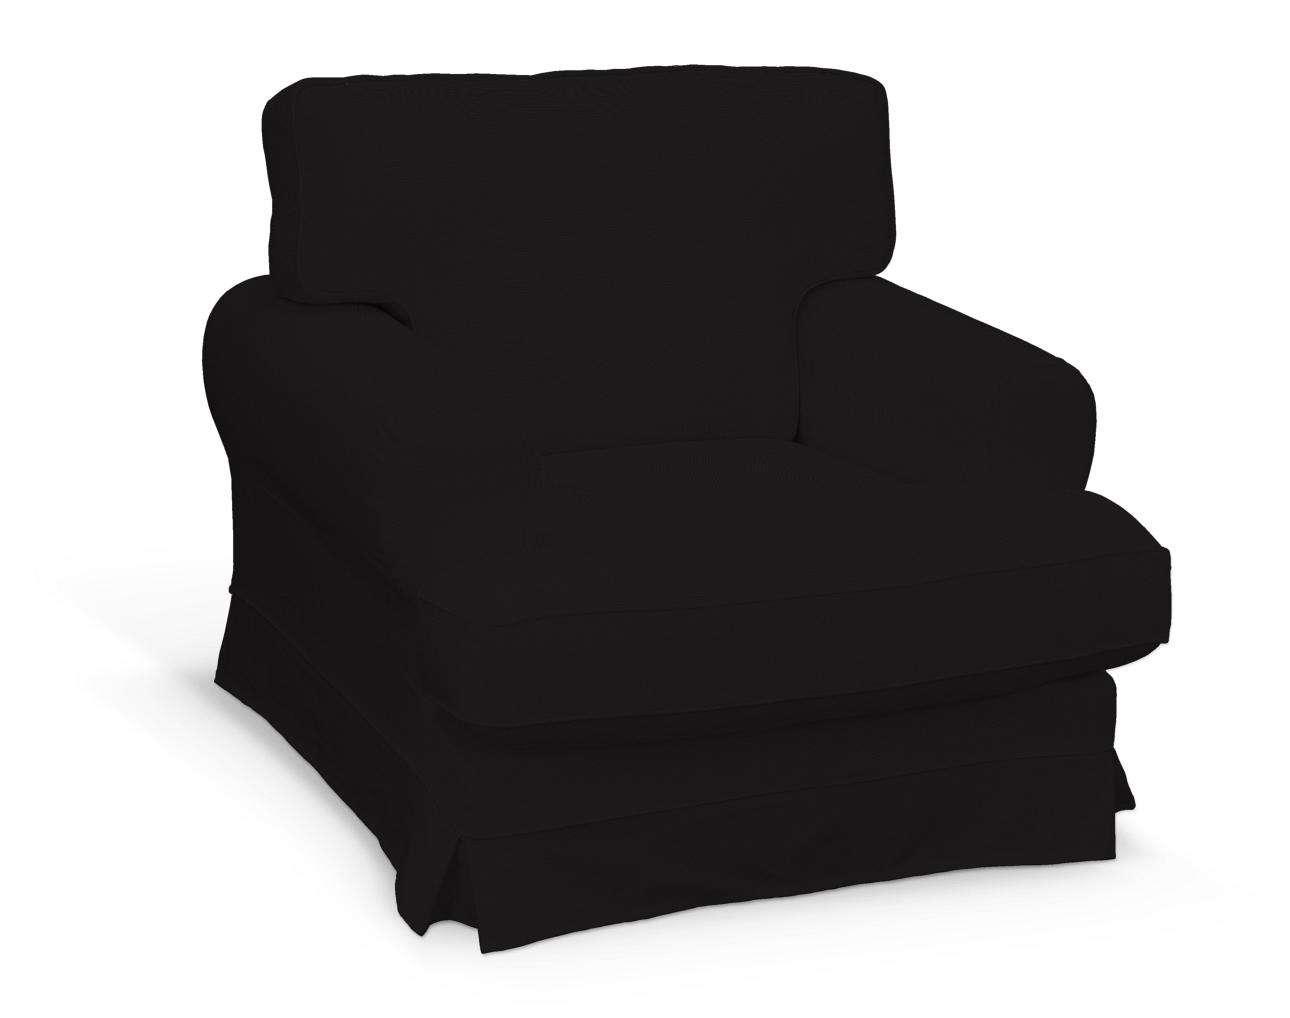 Pokrowiec na fotel Ekeskog w kolekcji Cotton Panama, tkanina: 702-09